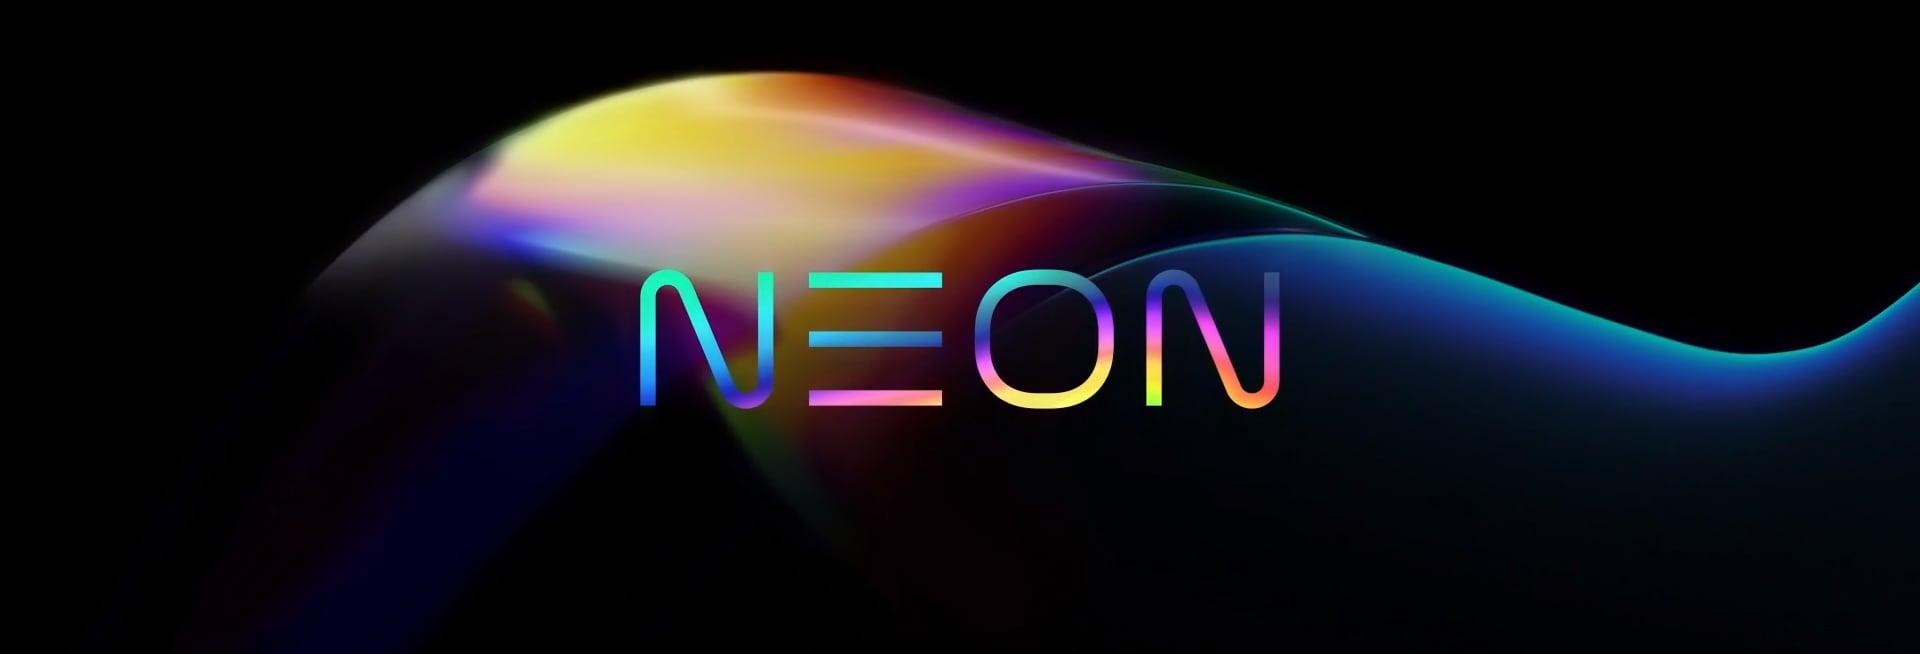 NEON è il nuovo progetto di Samsung relativo alla IA: di cosa si tratta? (foto)